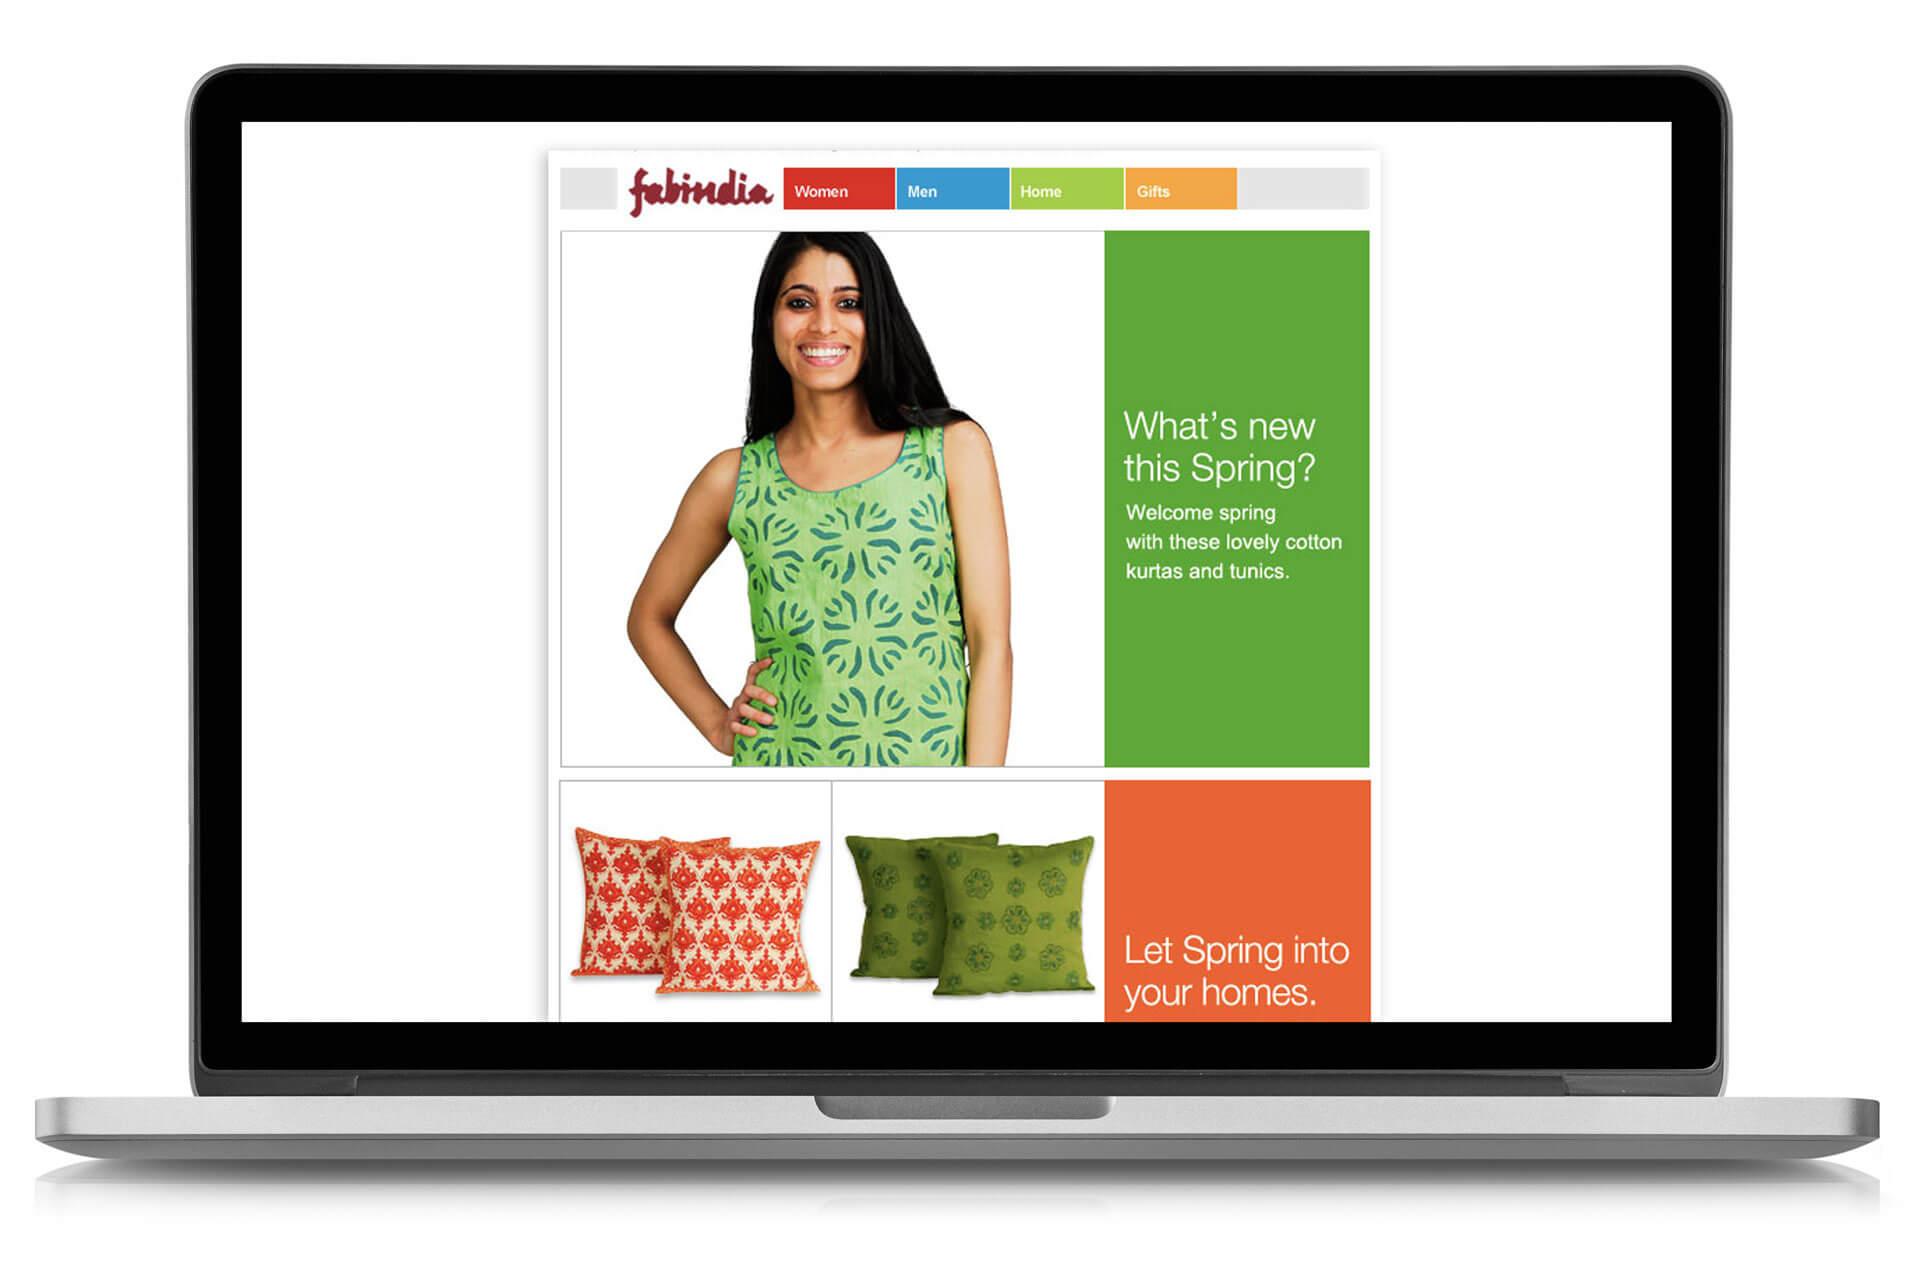 Fabindia mailer design